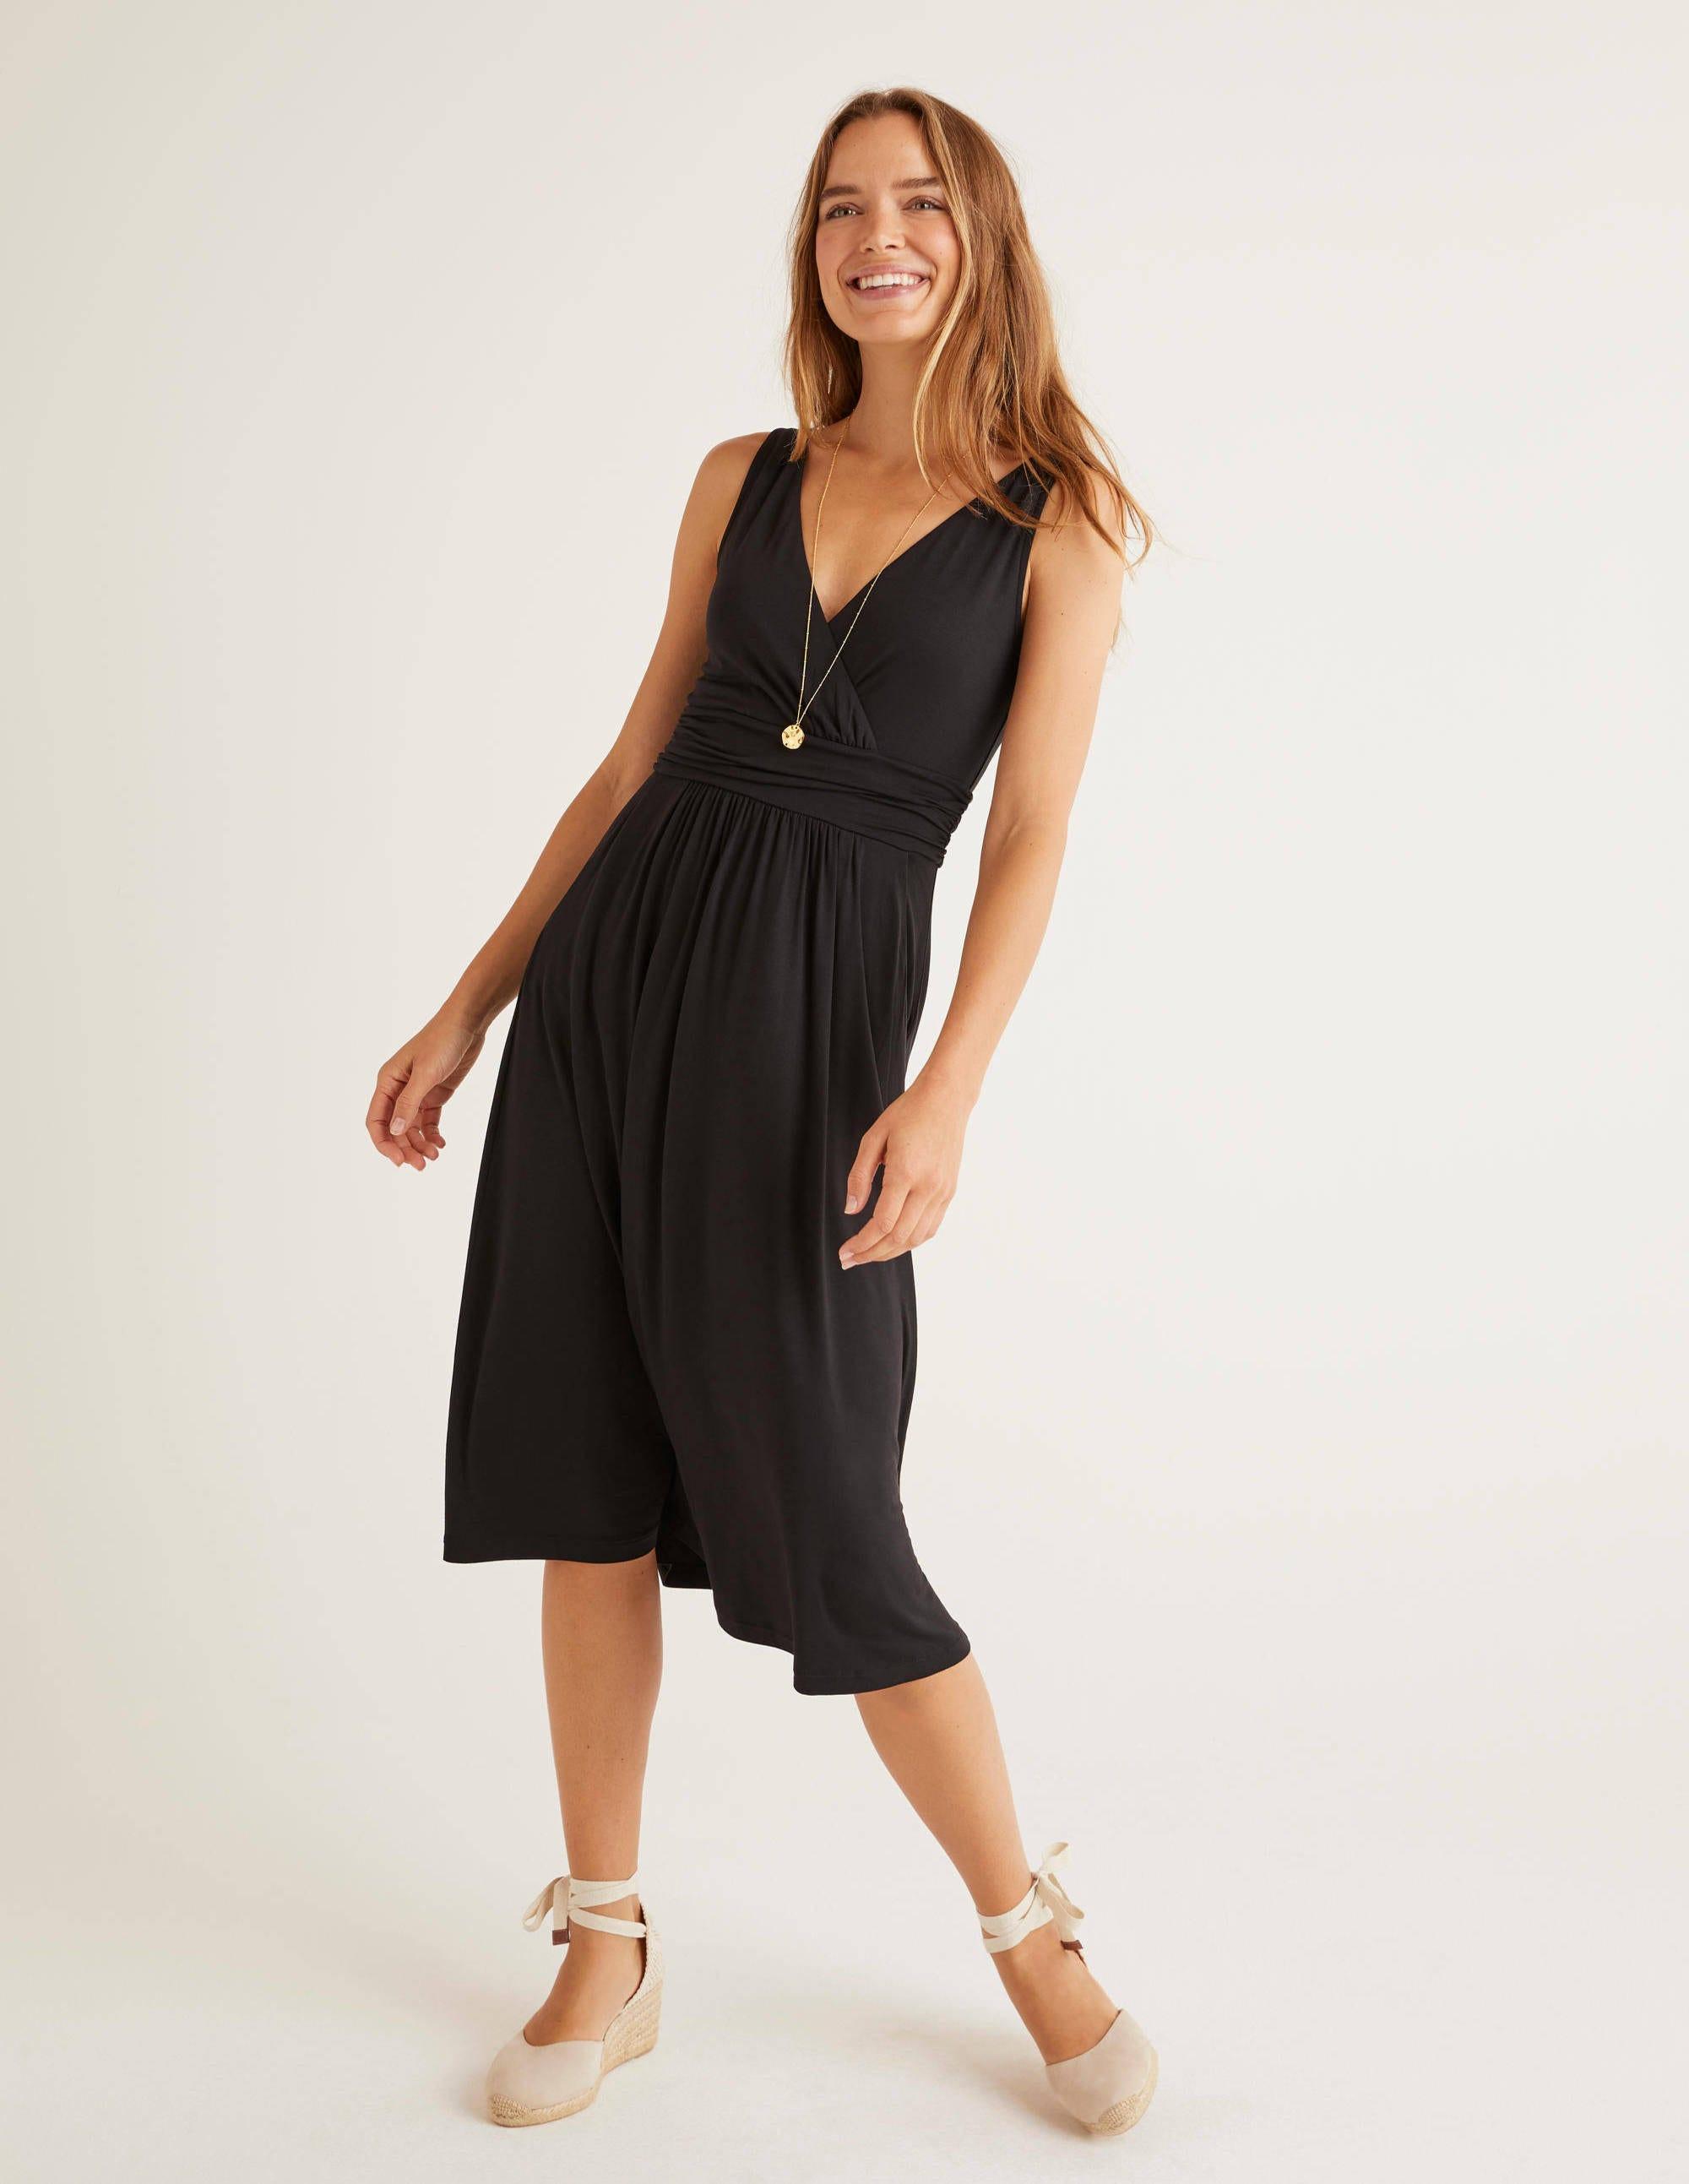 New Girls Boden Summer Cotton Jersey Holiday Fruity Lemon Short Sleeve Dress New